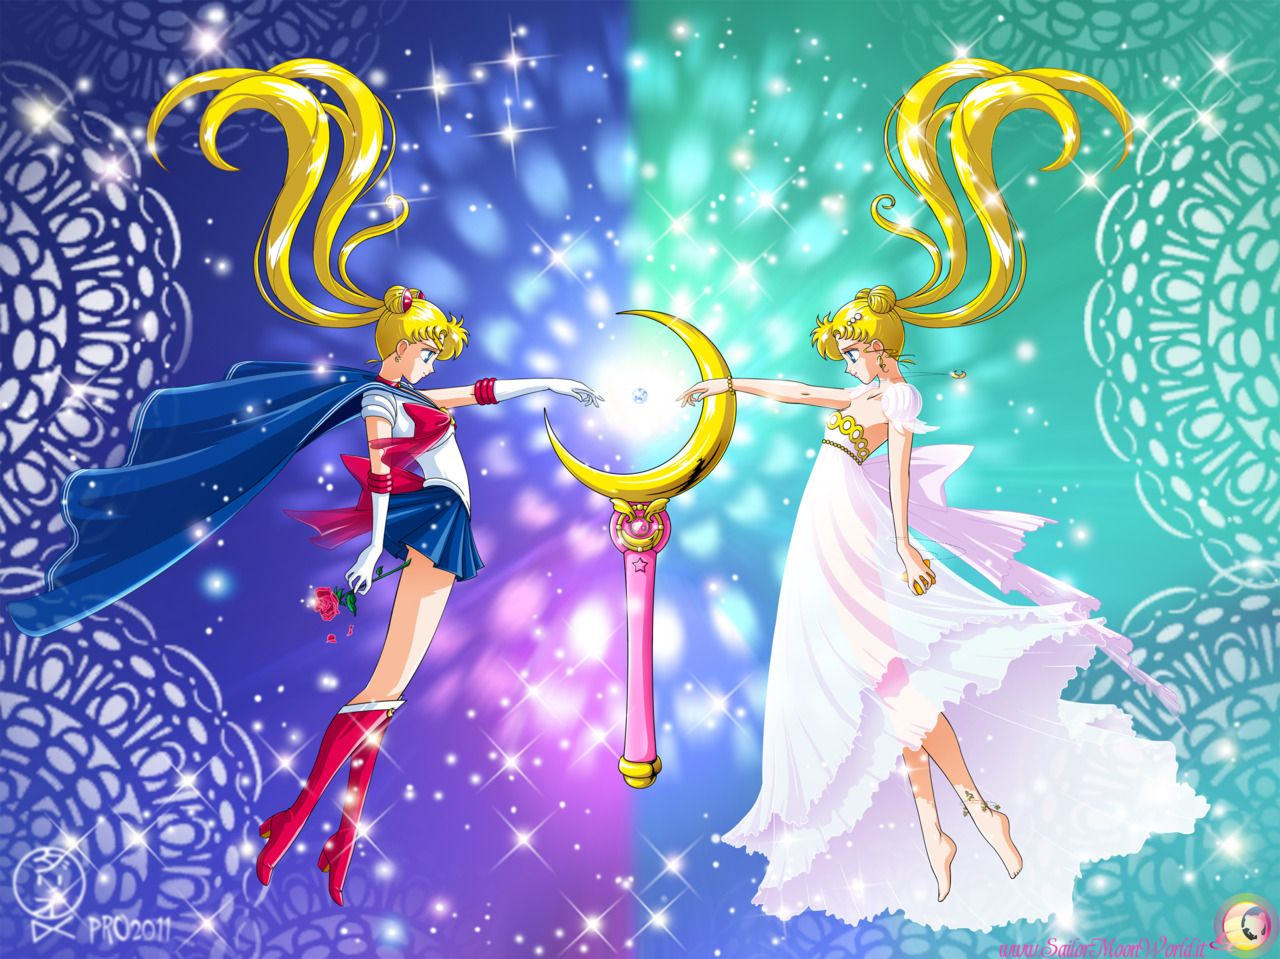 sailor moon and princess serenity sailor moon